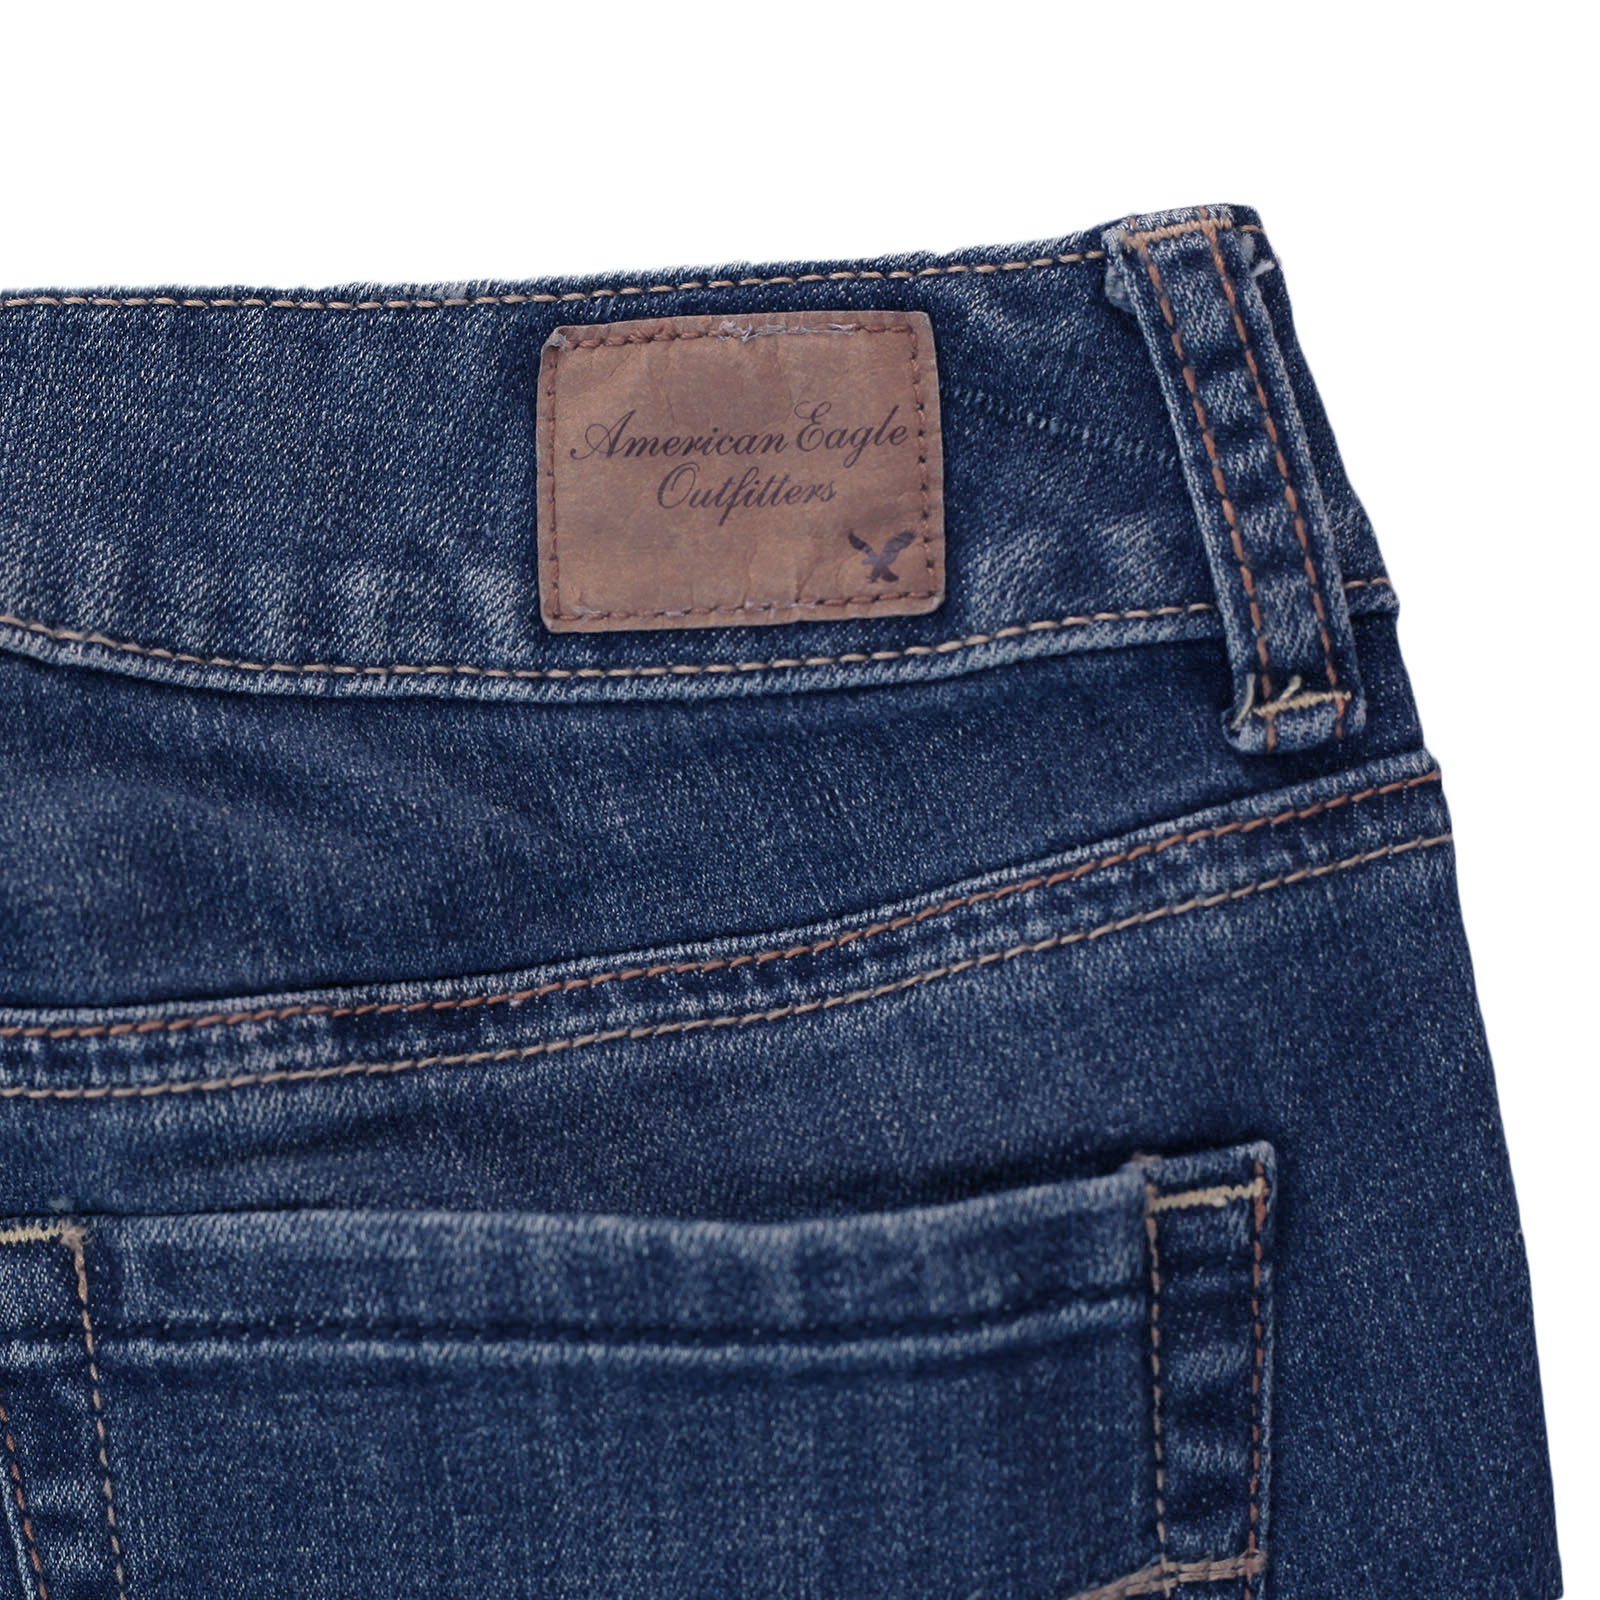 Заказать секси-шортики от American Eagle®, жемчужина гардероба дерзкой богини стиля. Зажигают этим летом пышнотелые красотки!